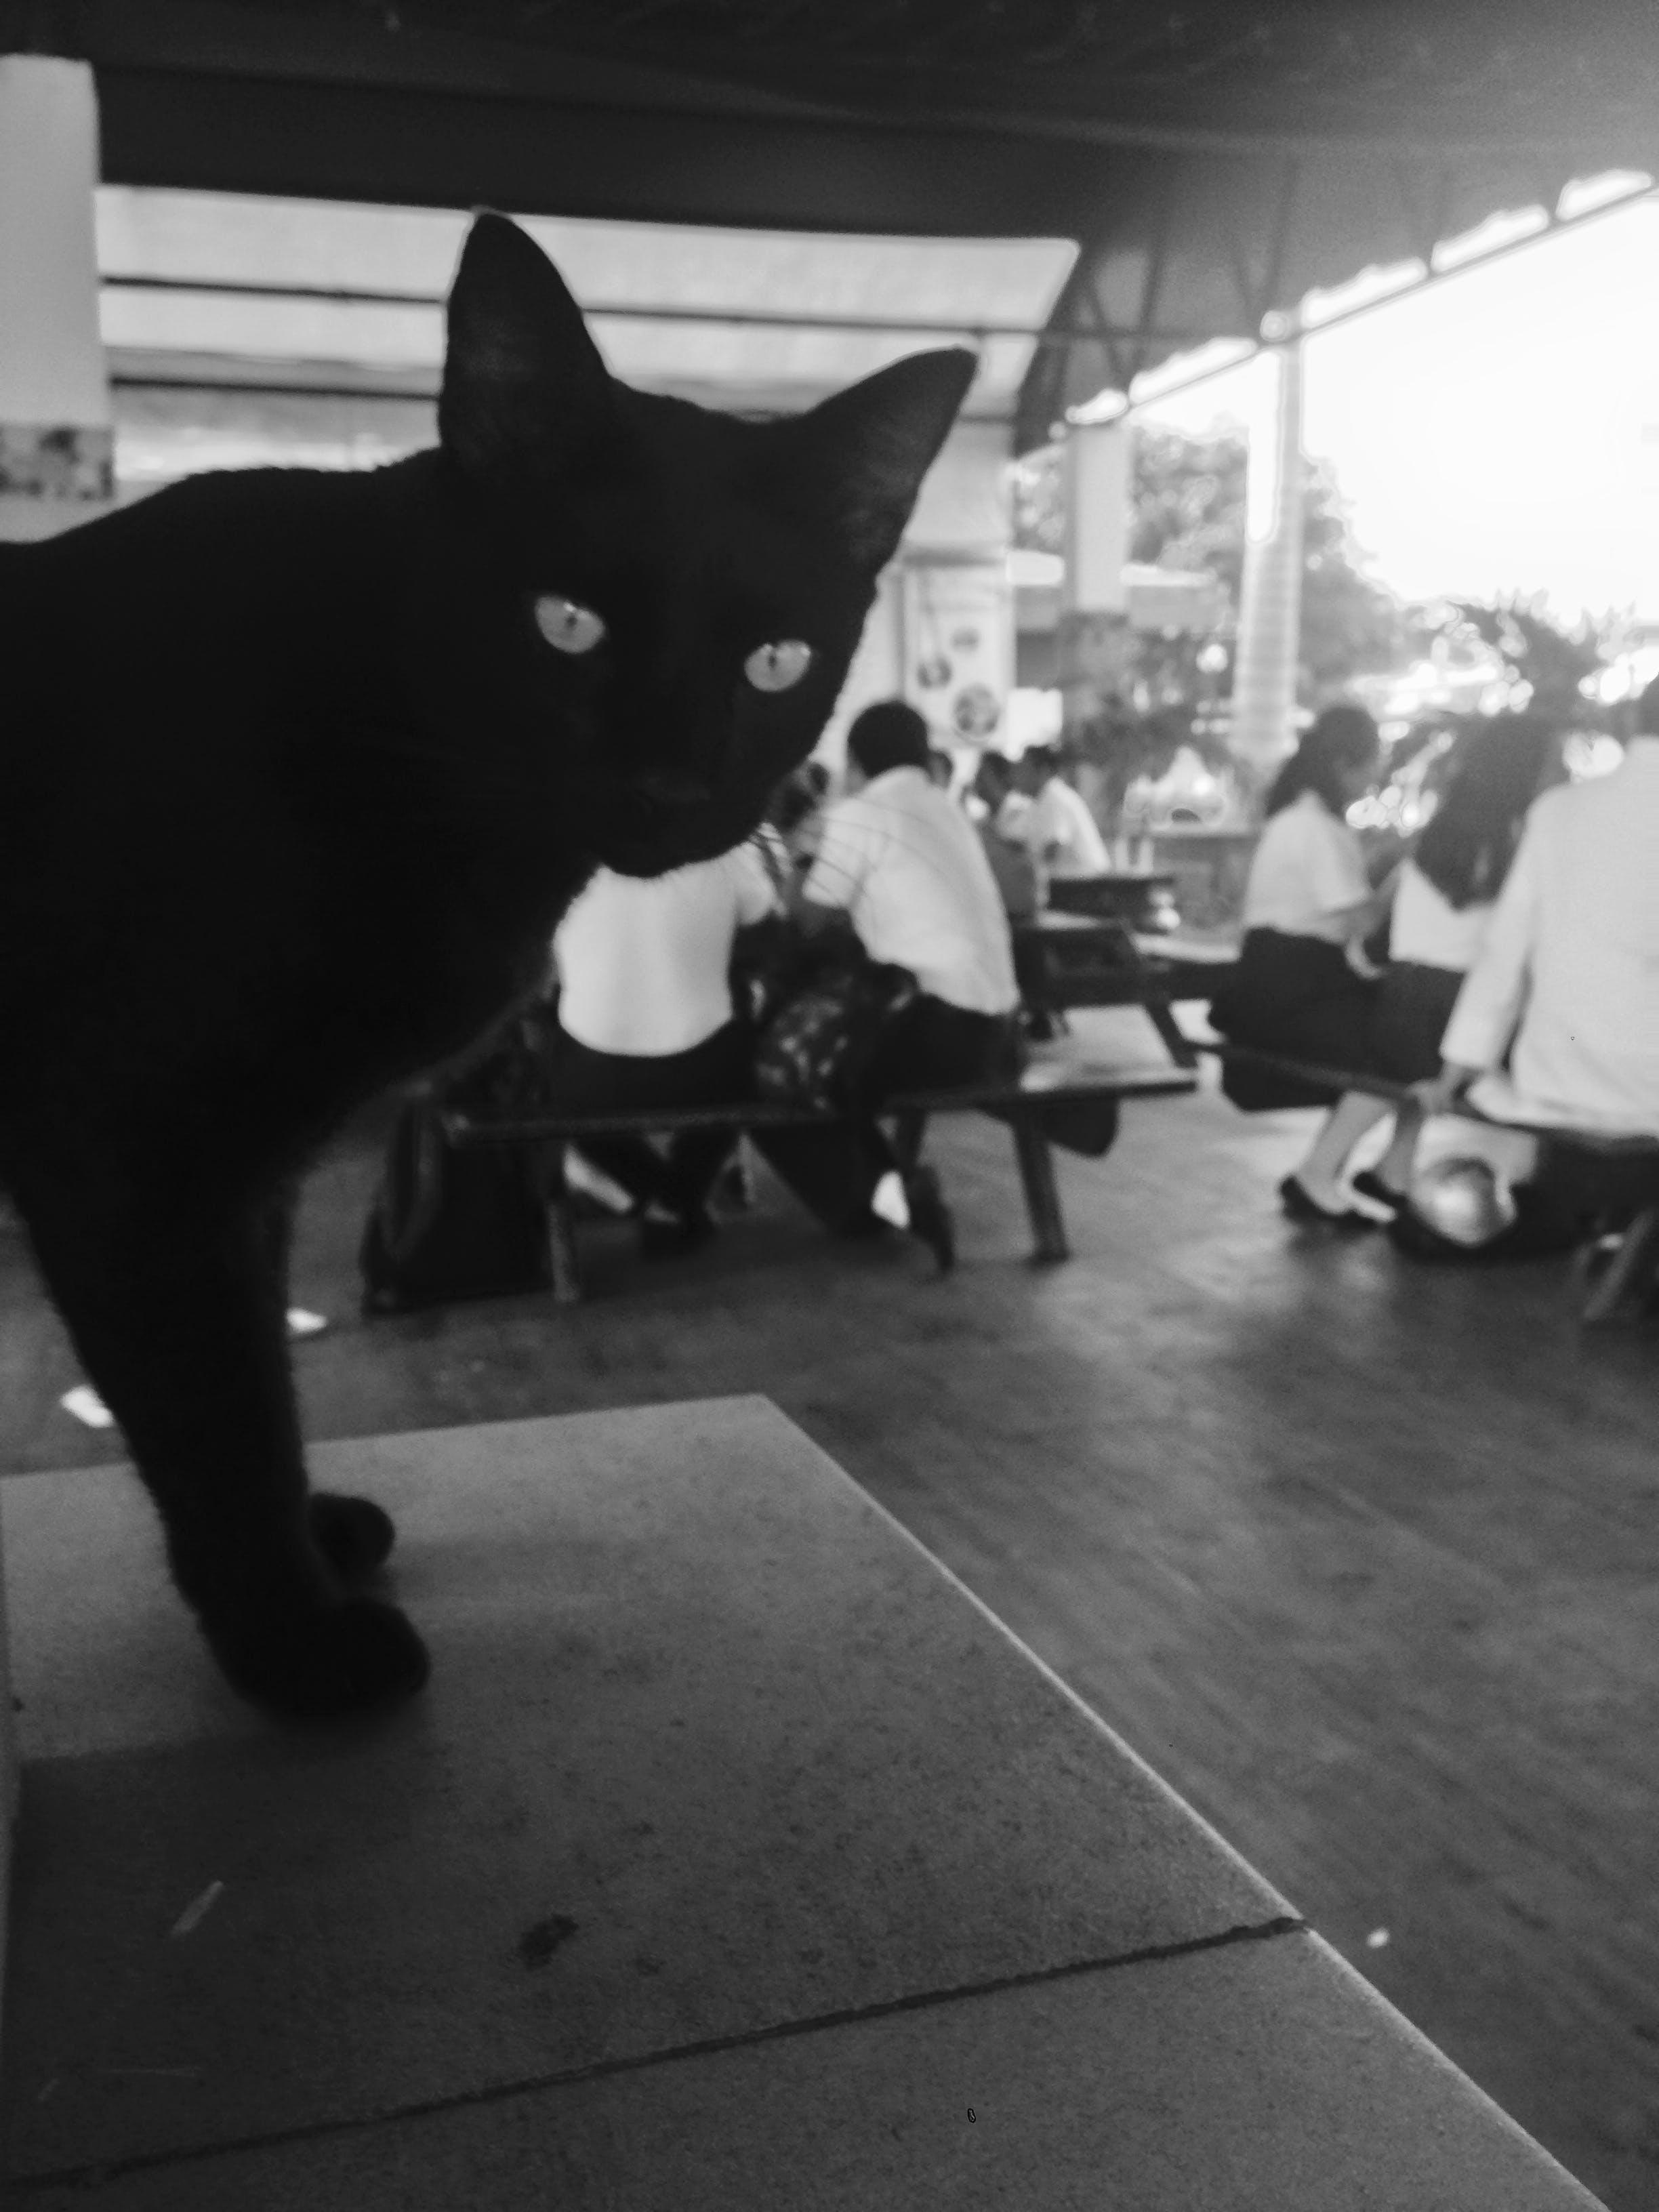 Δωρεάν στοκ φωτογραφιών με ασπρόμαυρο, Γάτα